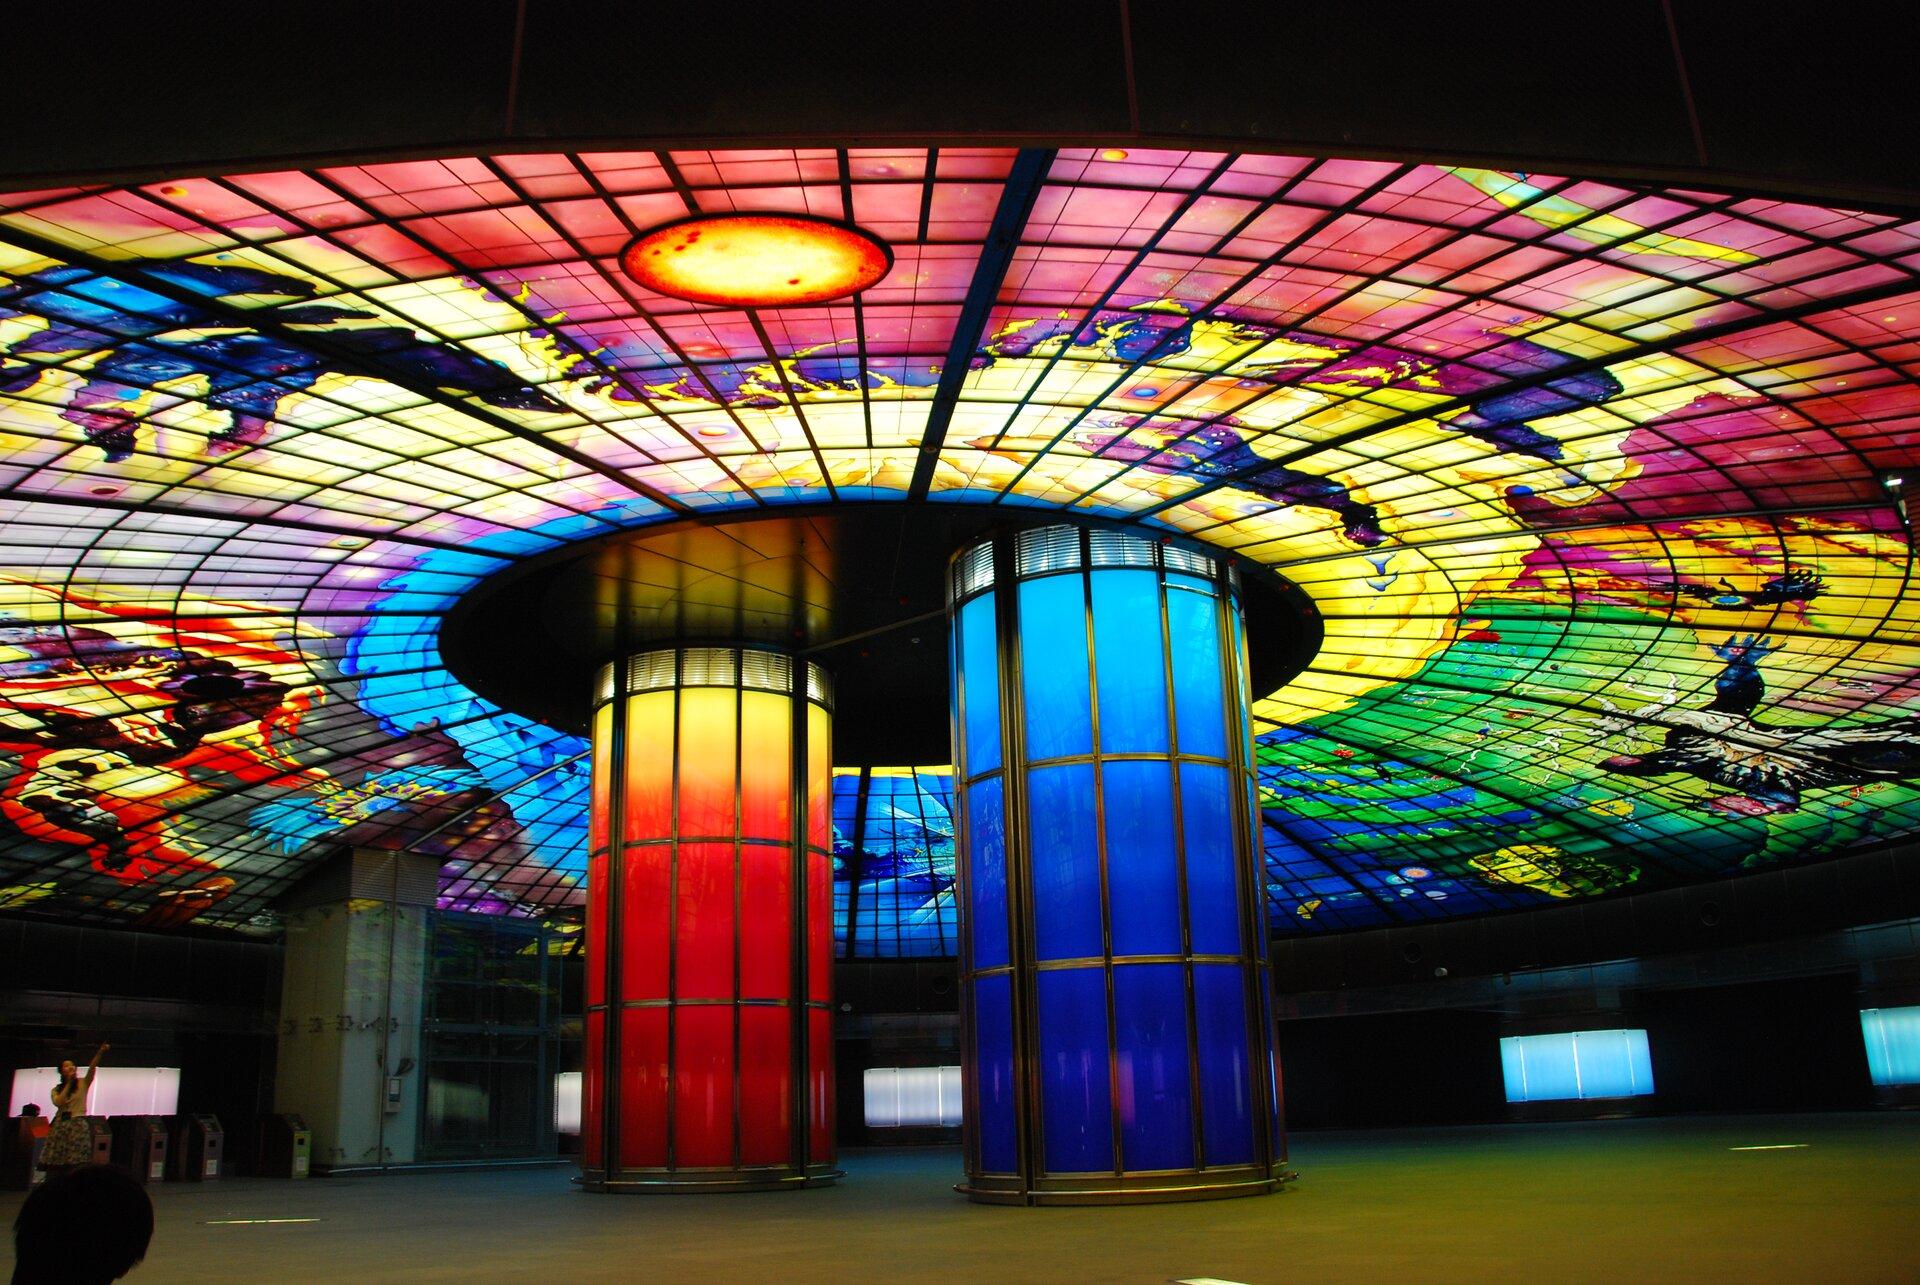 Zdjęcie przedstawia Kopułę Światła na stacji metra Bulwaru Formosa. Jest to największa szklana konstrukcja na świecie zajmująca obszar 2180 metrów kwadratowych izbudowana z4,5 tysiąca szklanych płyt. Na zdjęciu pokazana jest część centralna wpostaci dwóch kolumn, czerwonej iniebieskiej, podtrzymujących sklepienie, na którym wszkle zaprezentowano różnobarwne obrazy.